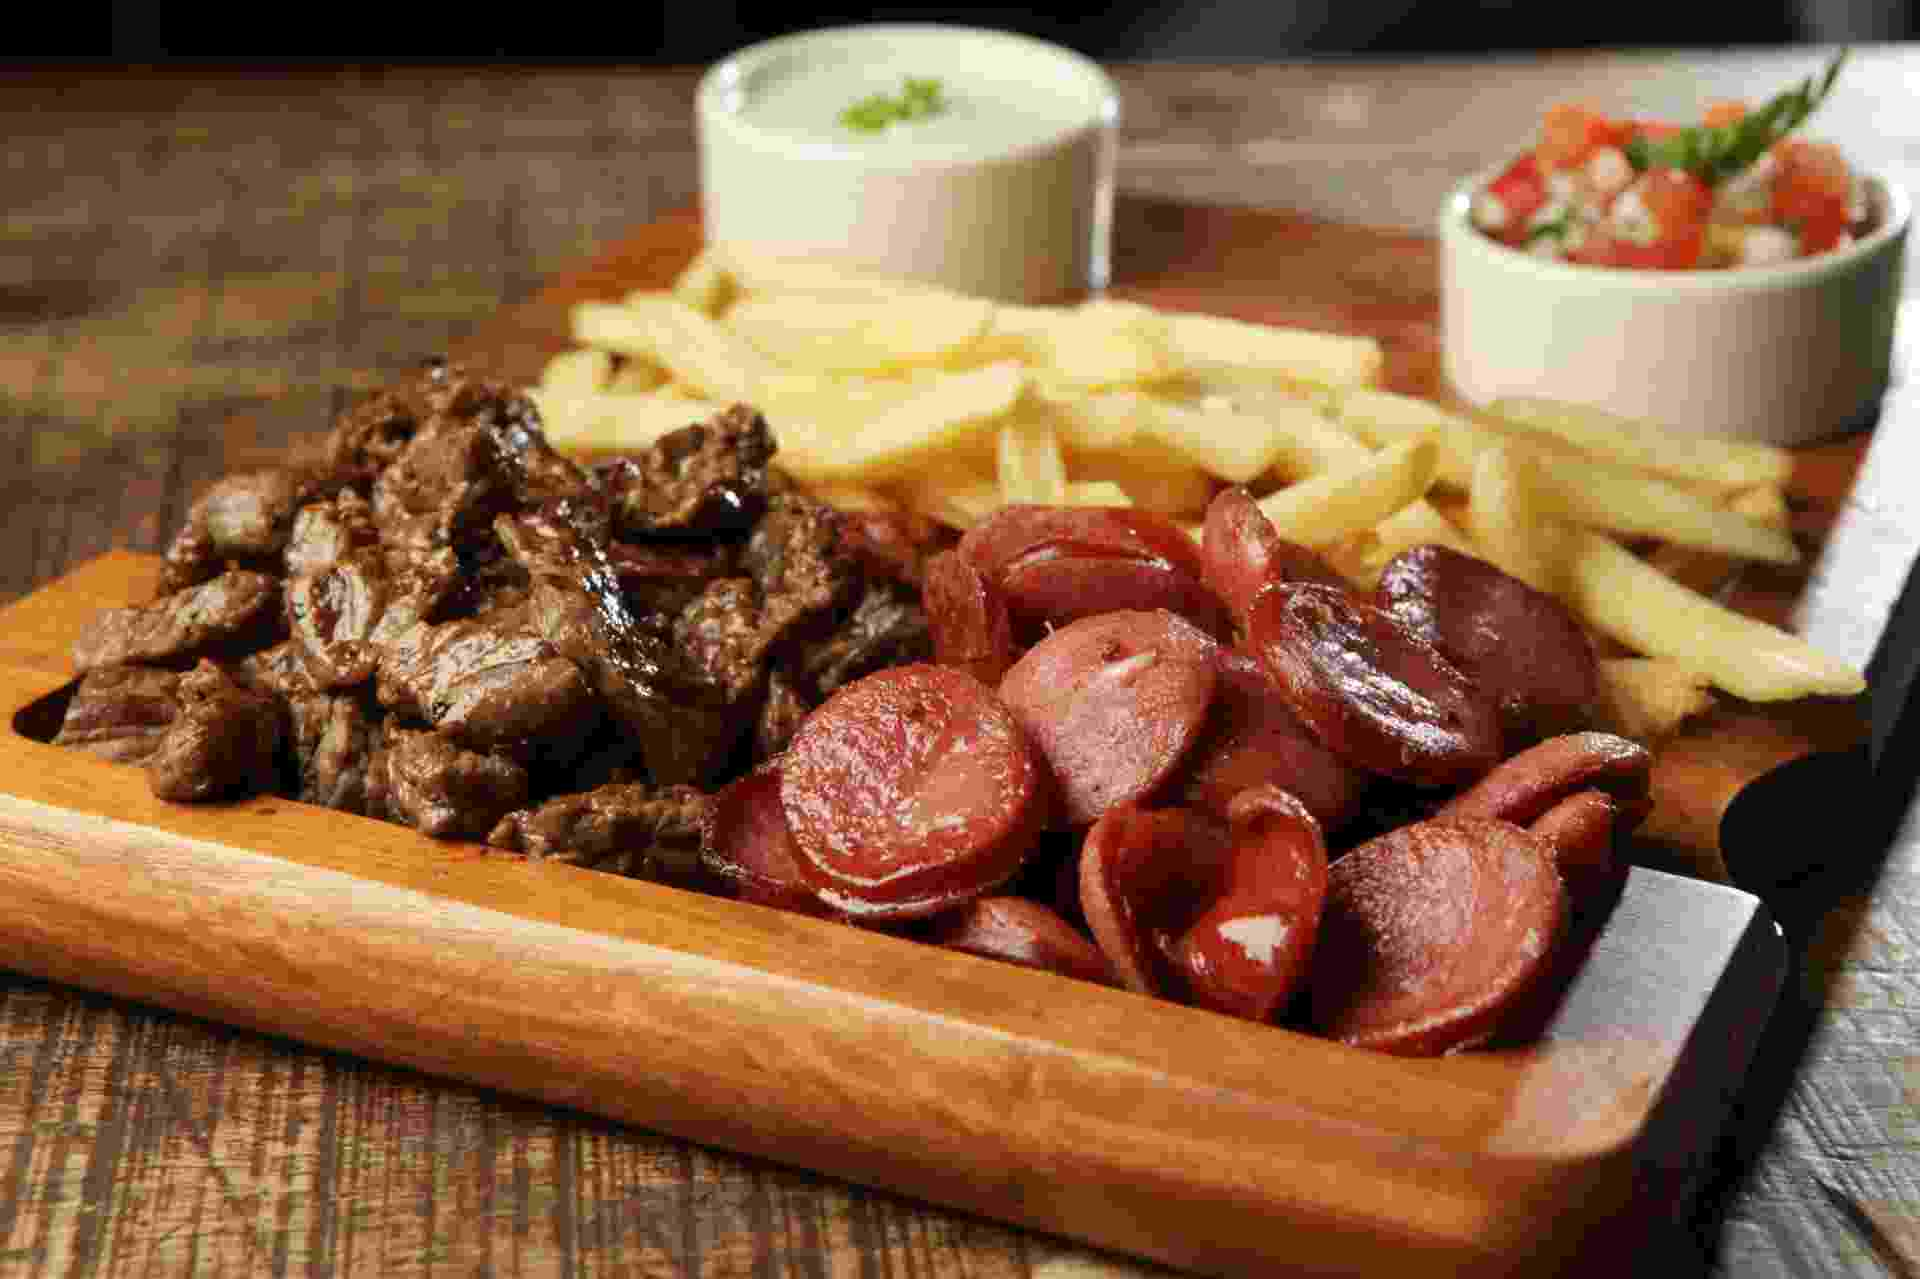 DaGosto Bistro tábua de carne, fritas e linguiça - Divulgação